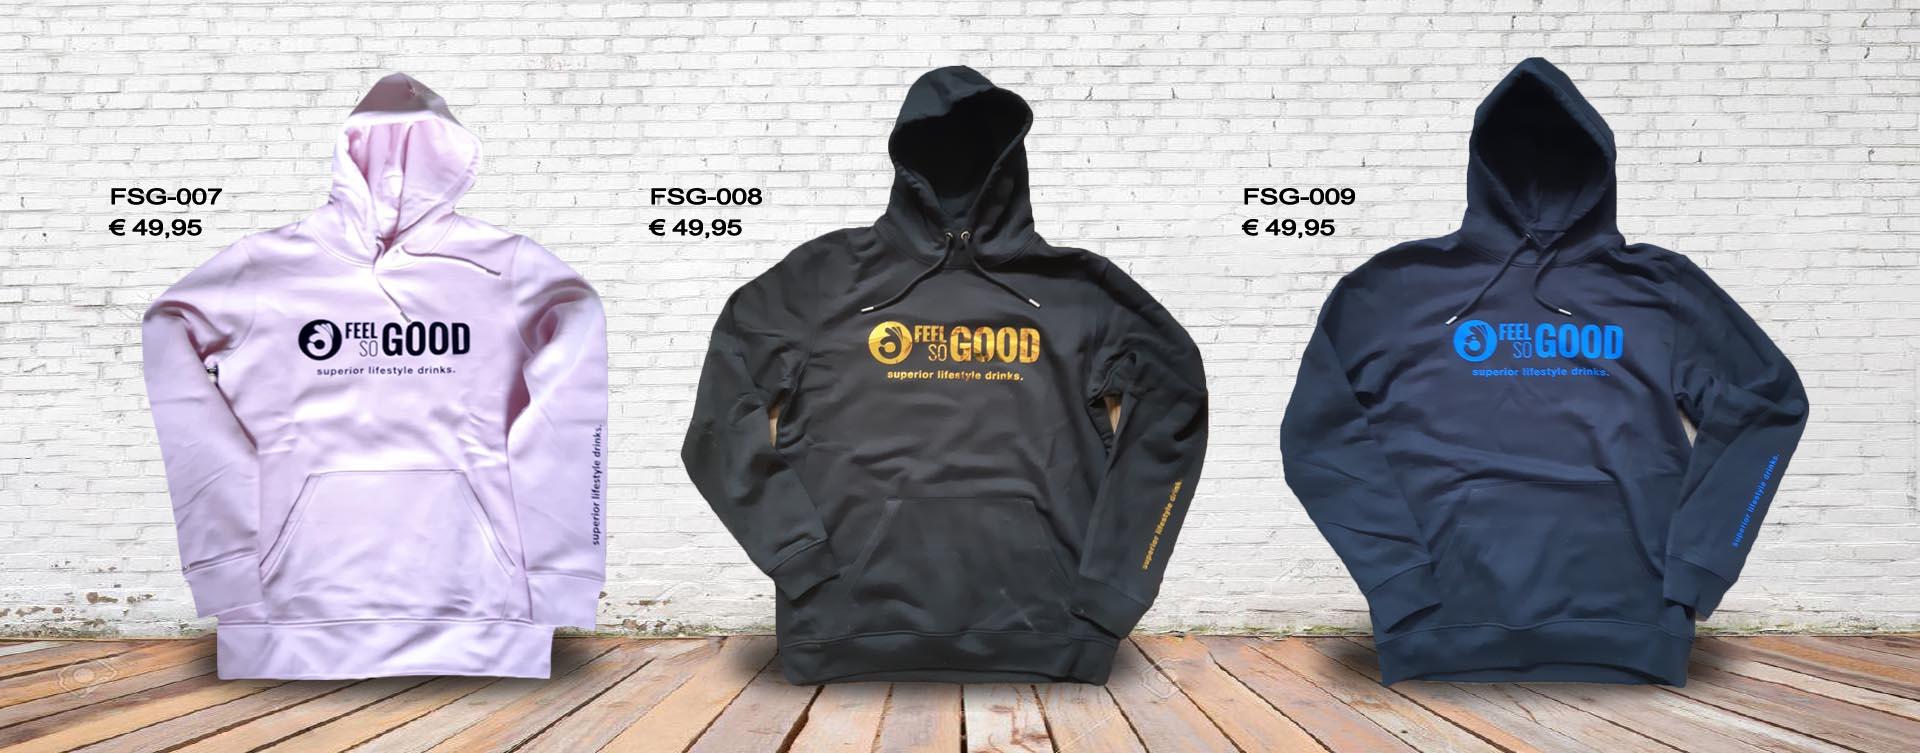 feel so good hoodies3